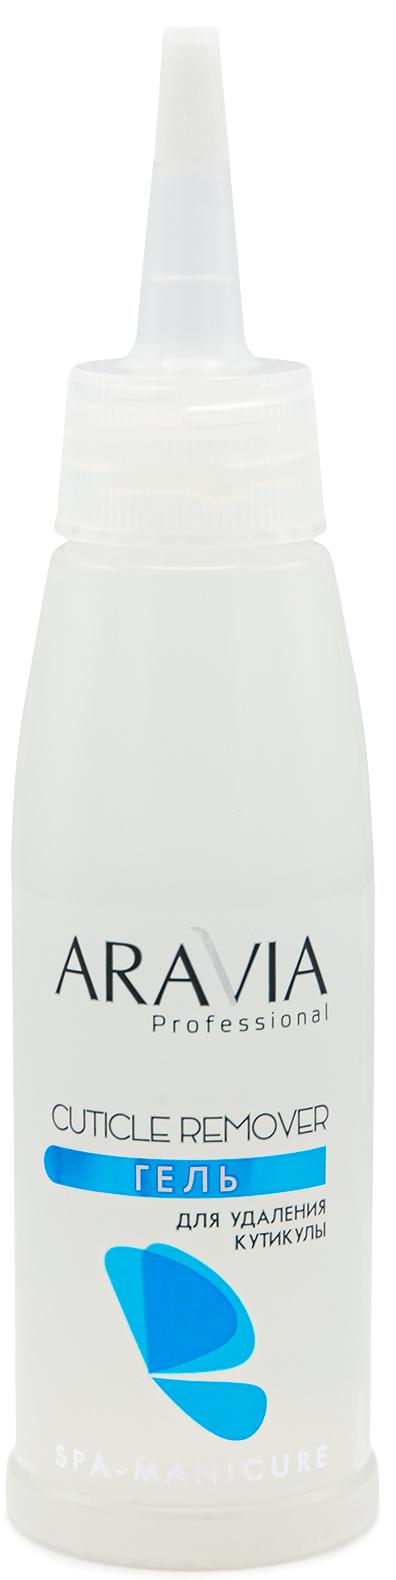 Купить Aravia Professional Гель для удаления кутикулы Cuticle Remover, 100 мл (Aravia Professional, SPA маникюр), Россия